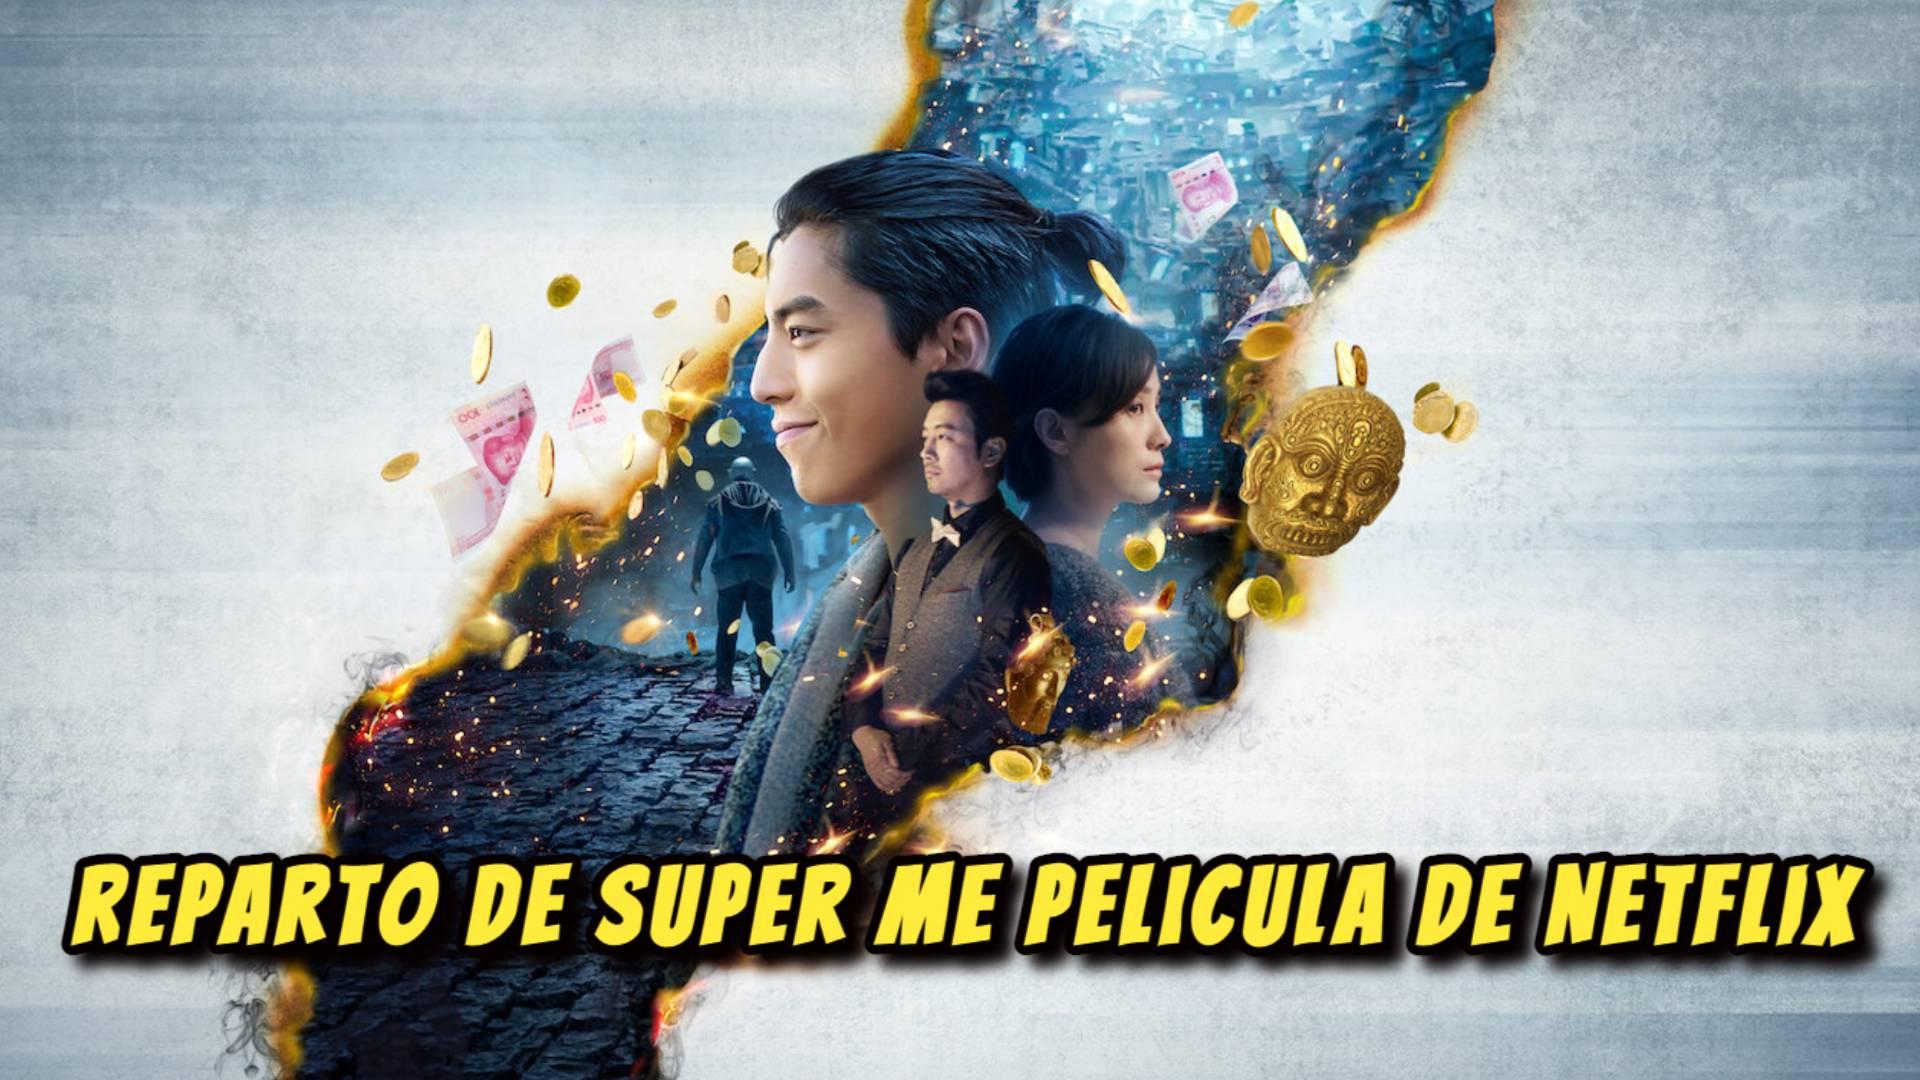 ACTORES, CAST, ELENCO, REPARTO de Super Me Pelicula de Netflix